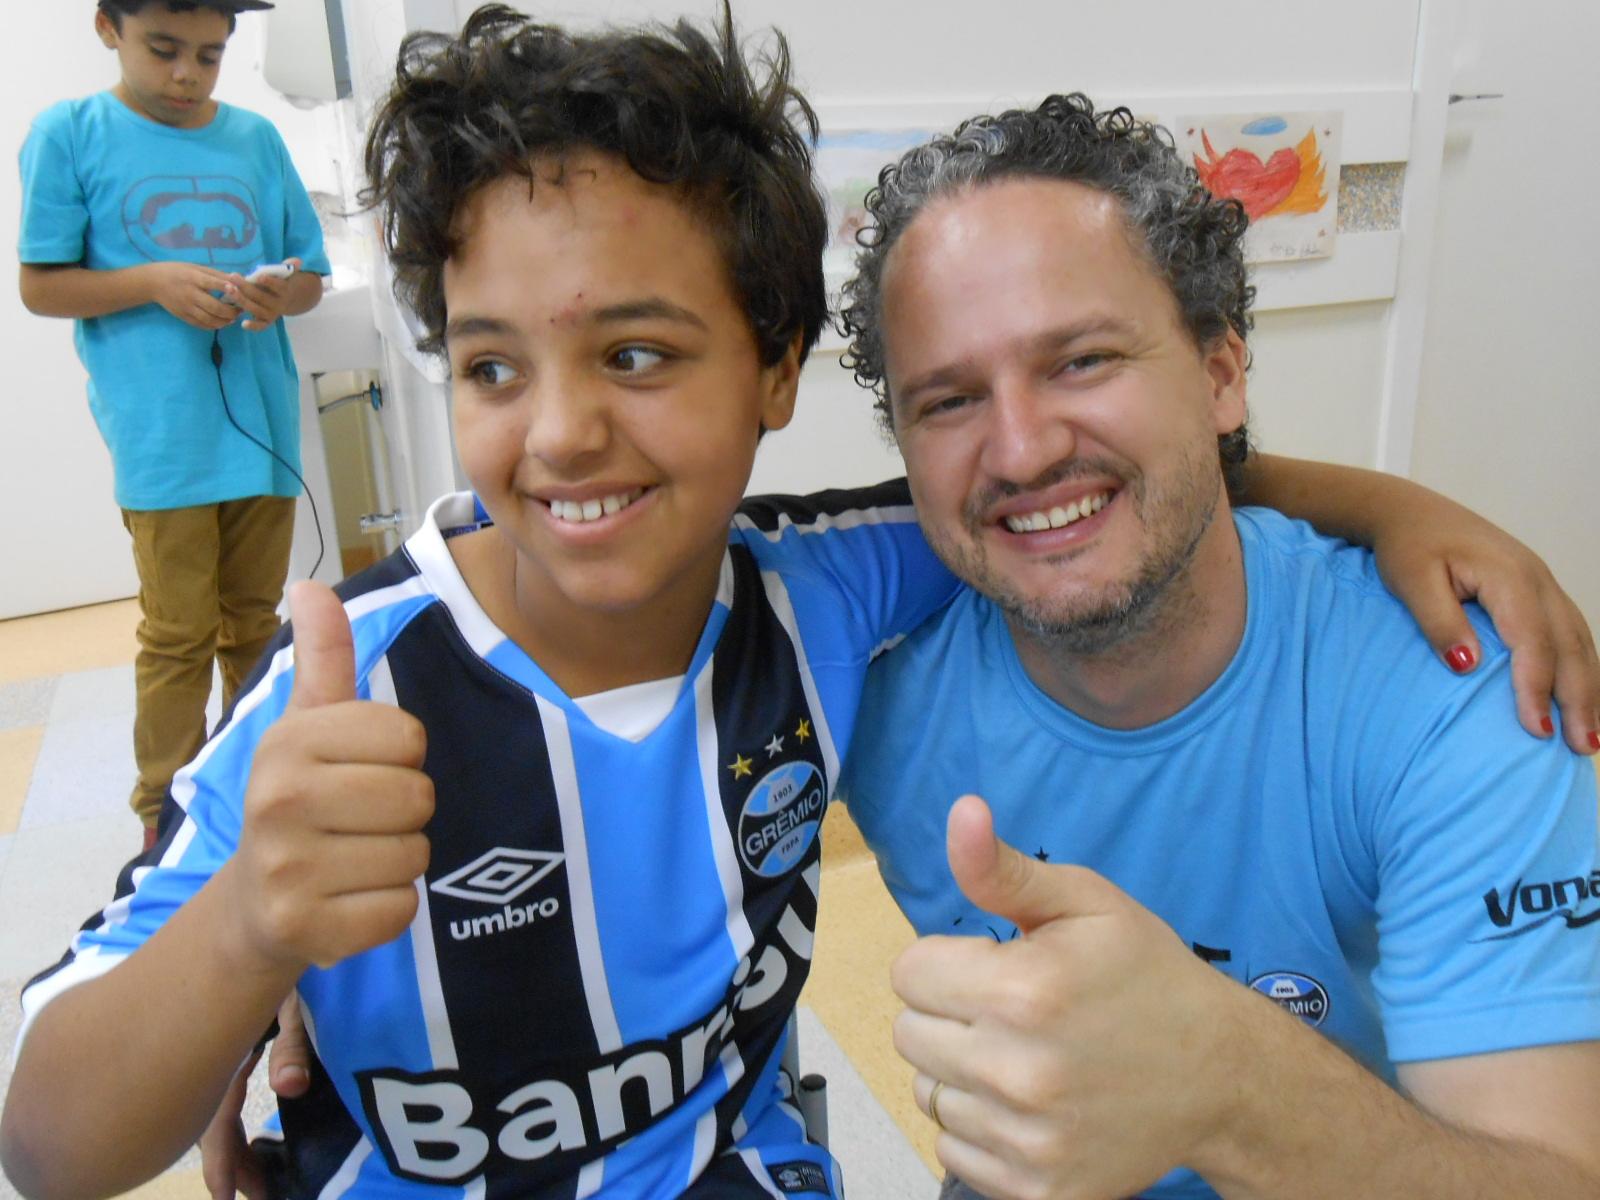 Emanueli é de Fagundes Varela / RS e faz tratamento no Hospital Conceição. É uma menina de 9 anos dona de um largo sorriso cativante. Alegre e otimista vai como boa gremista que é ganhar essa batalha. Emanueli ganhou sua camiseta oficial do Grêmio personalizada do voluntário Lurlan Teixeira.